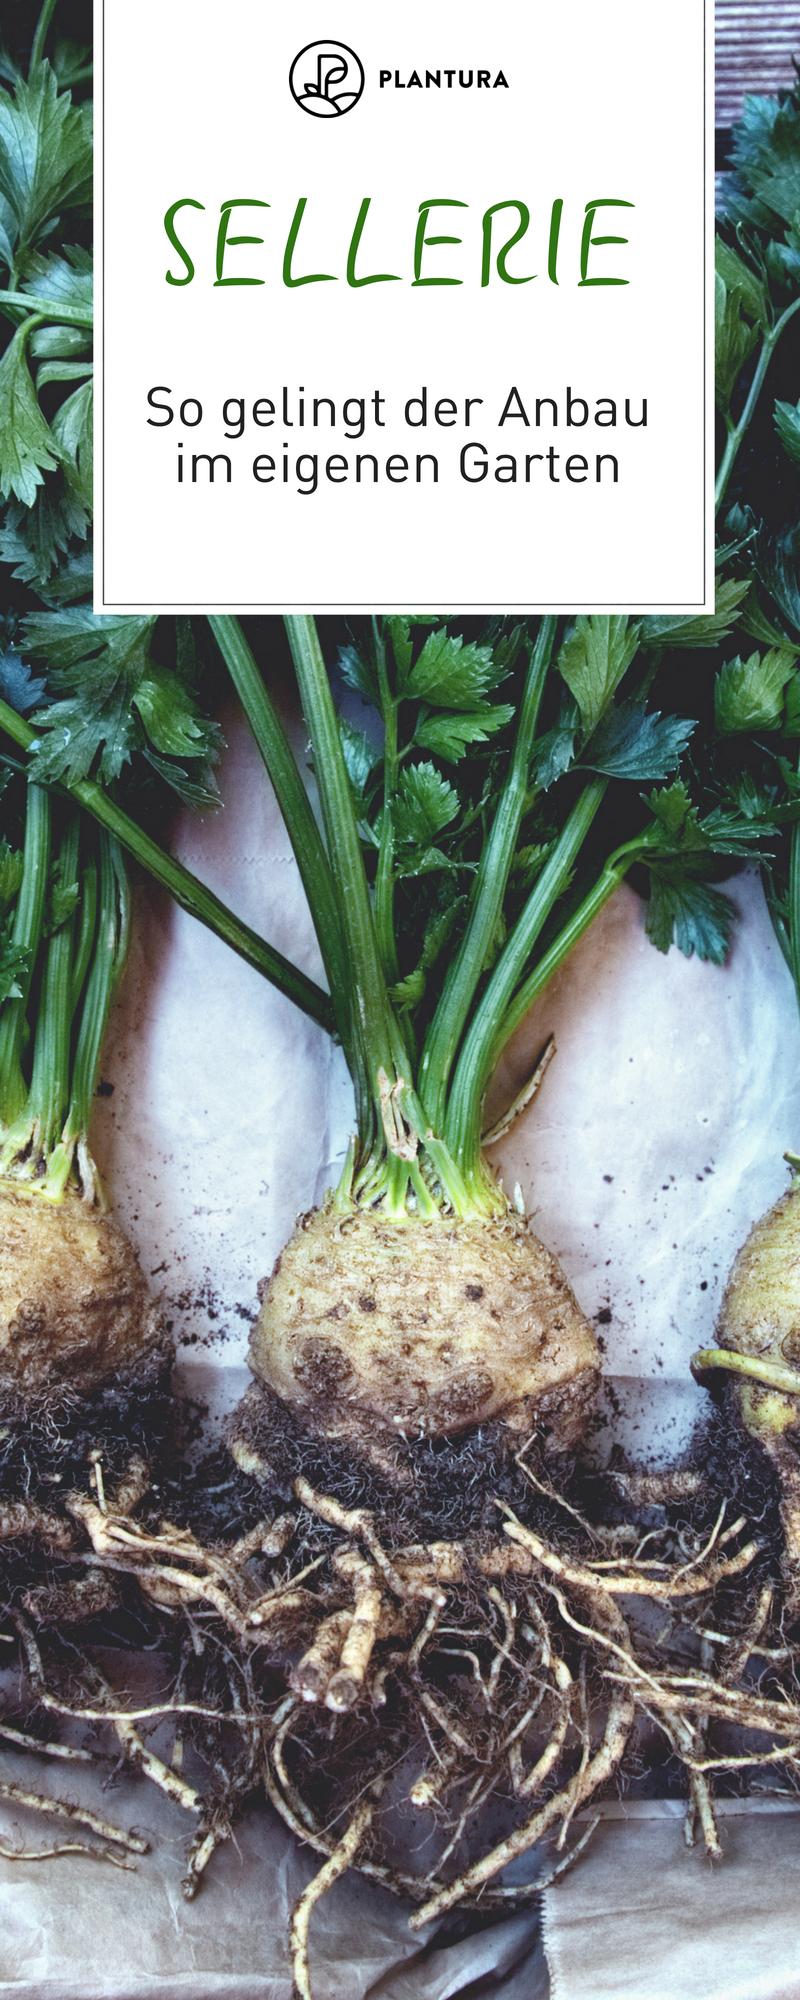 Echter Sellerie: Suppenwürze im eigenen Garten anbauen #erhöhtepflanzbeete